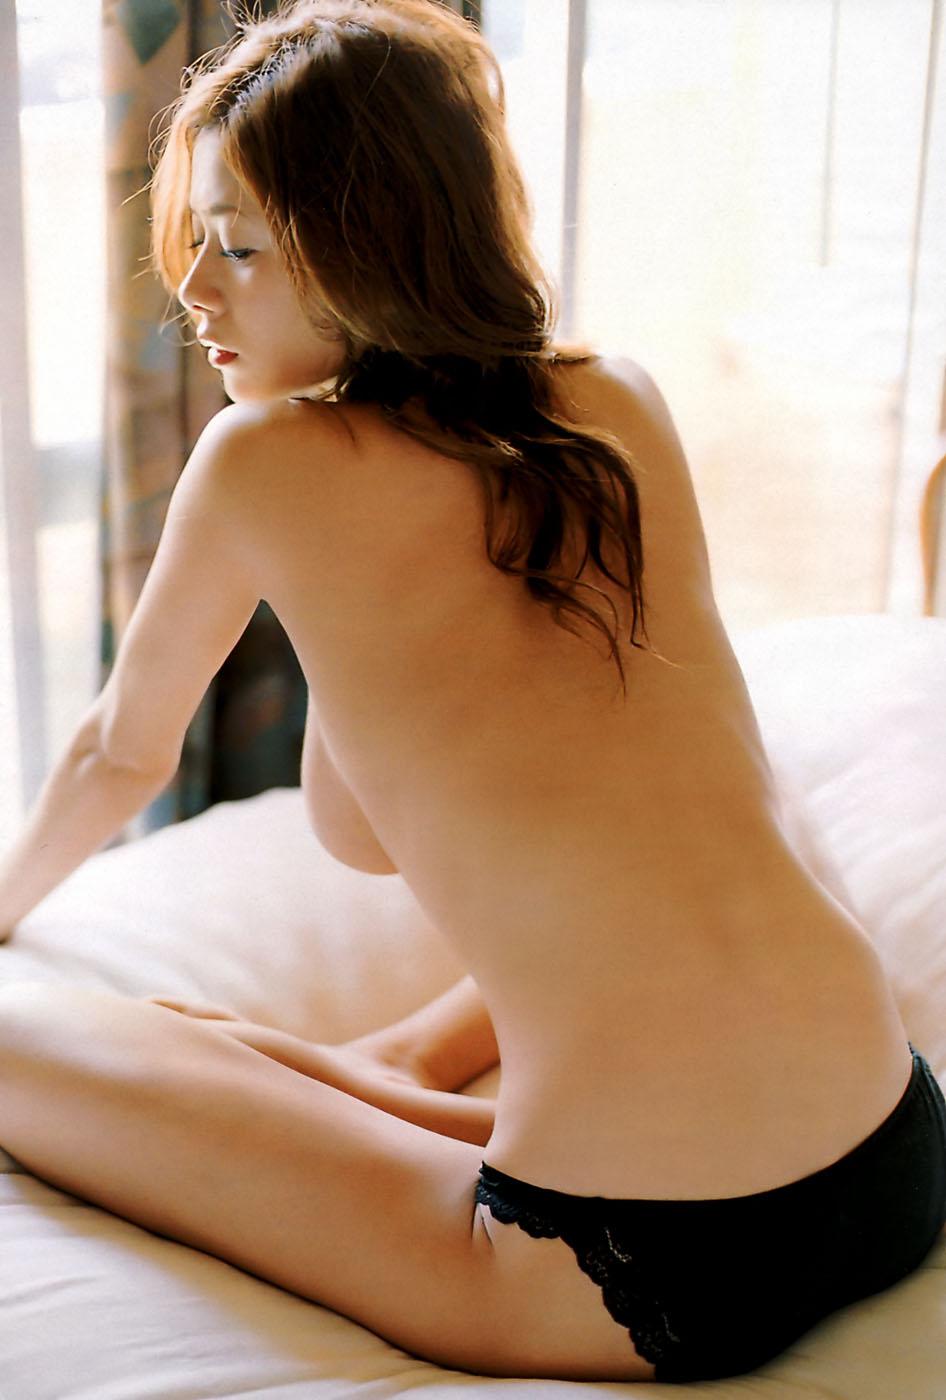 【背中】女性の後ろ姿が色っぽい背中フェチ画像 22